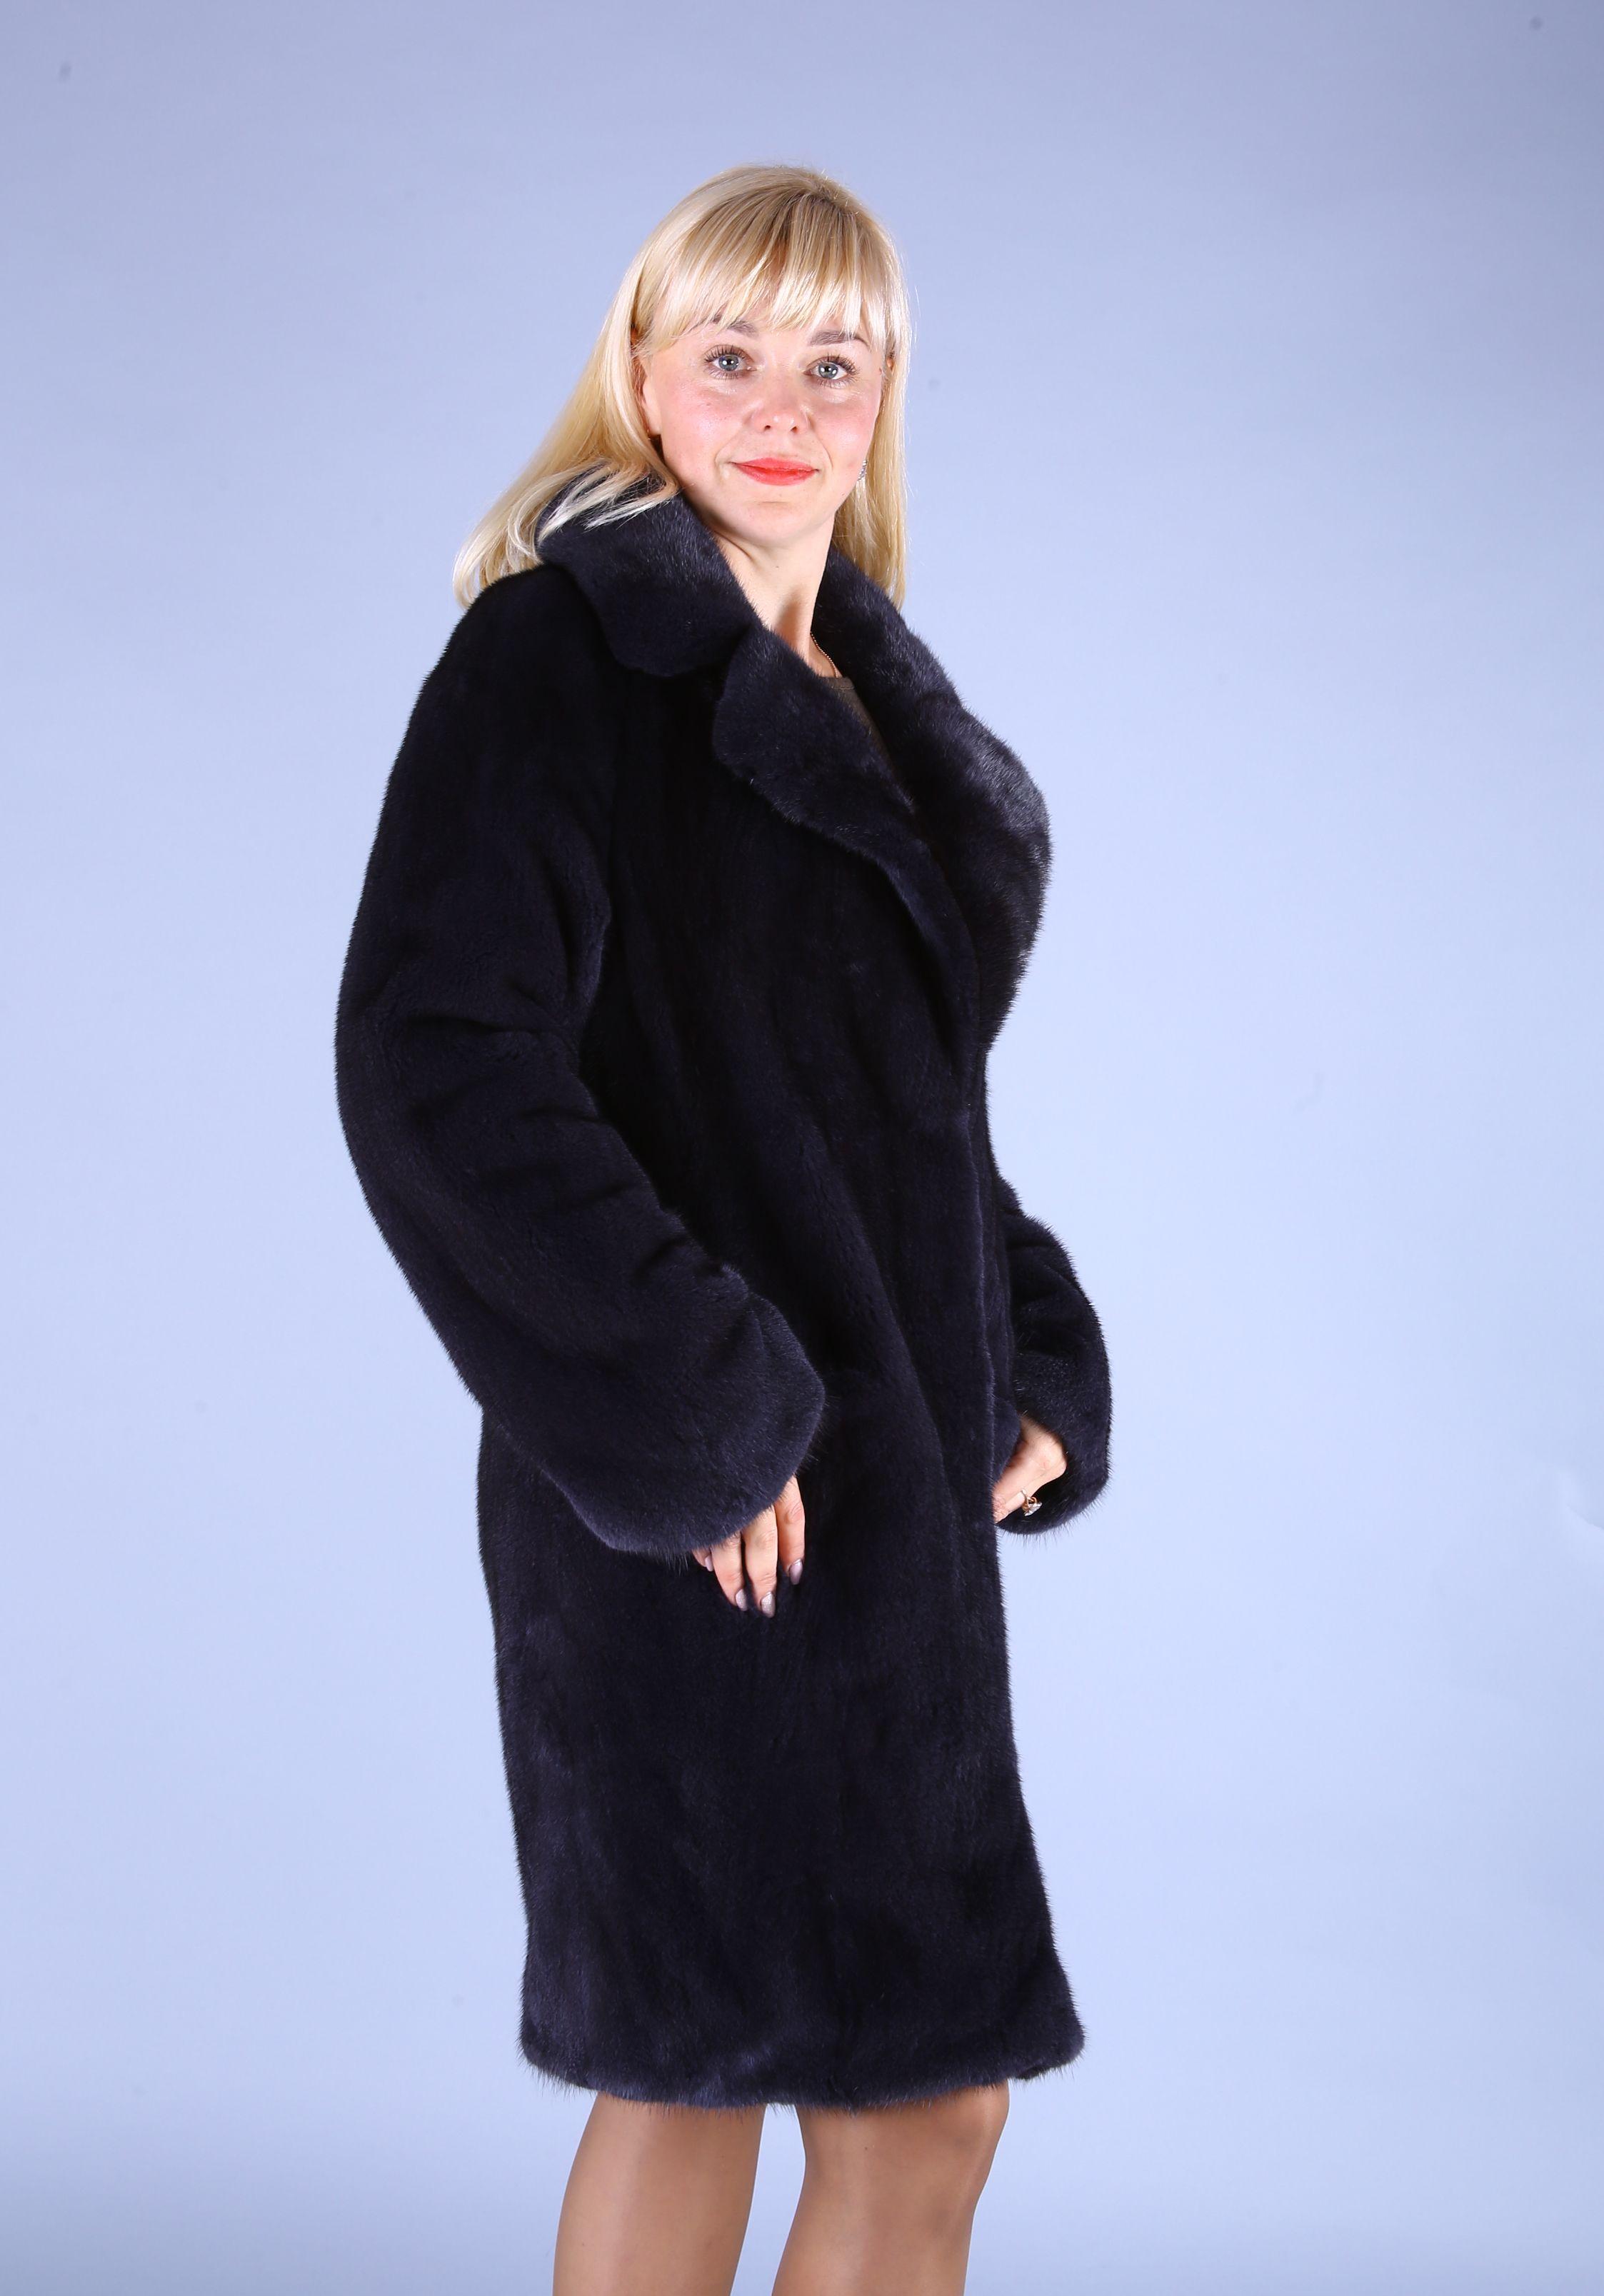 Шуба женская норковая 7501 фото №1